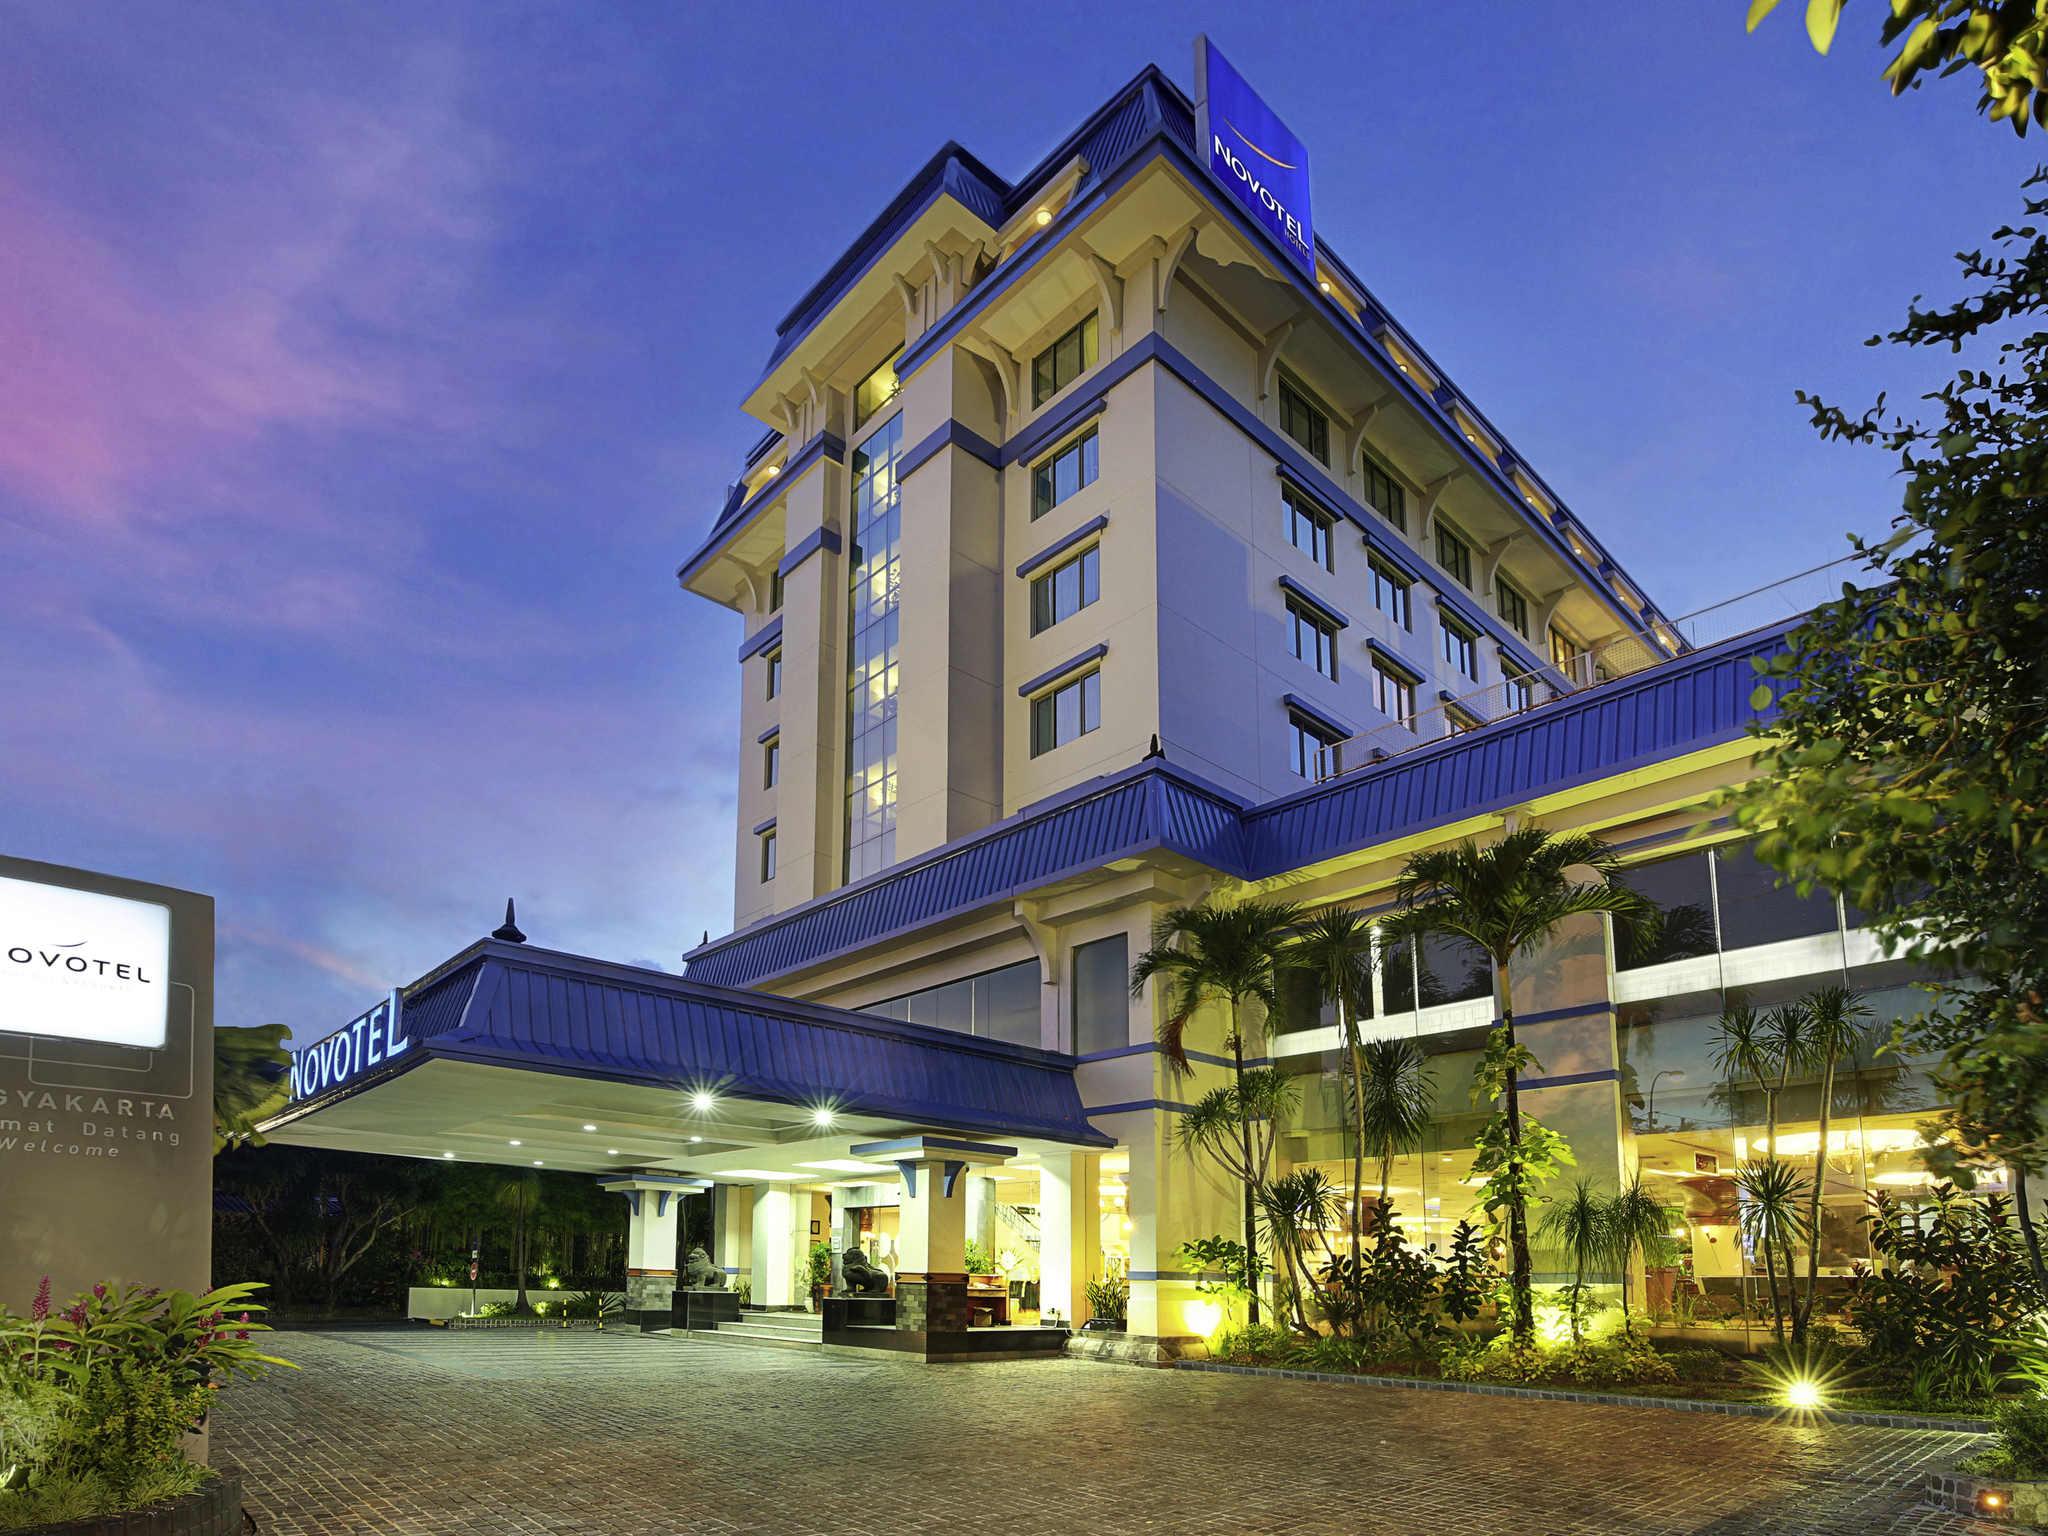 호텔 – 노보텔 요그야카르타